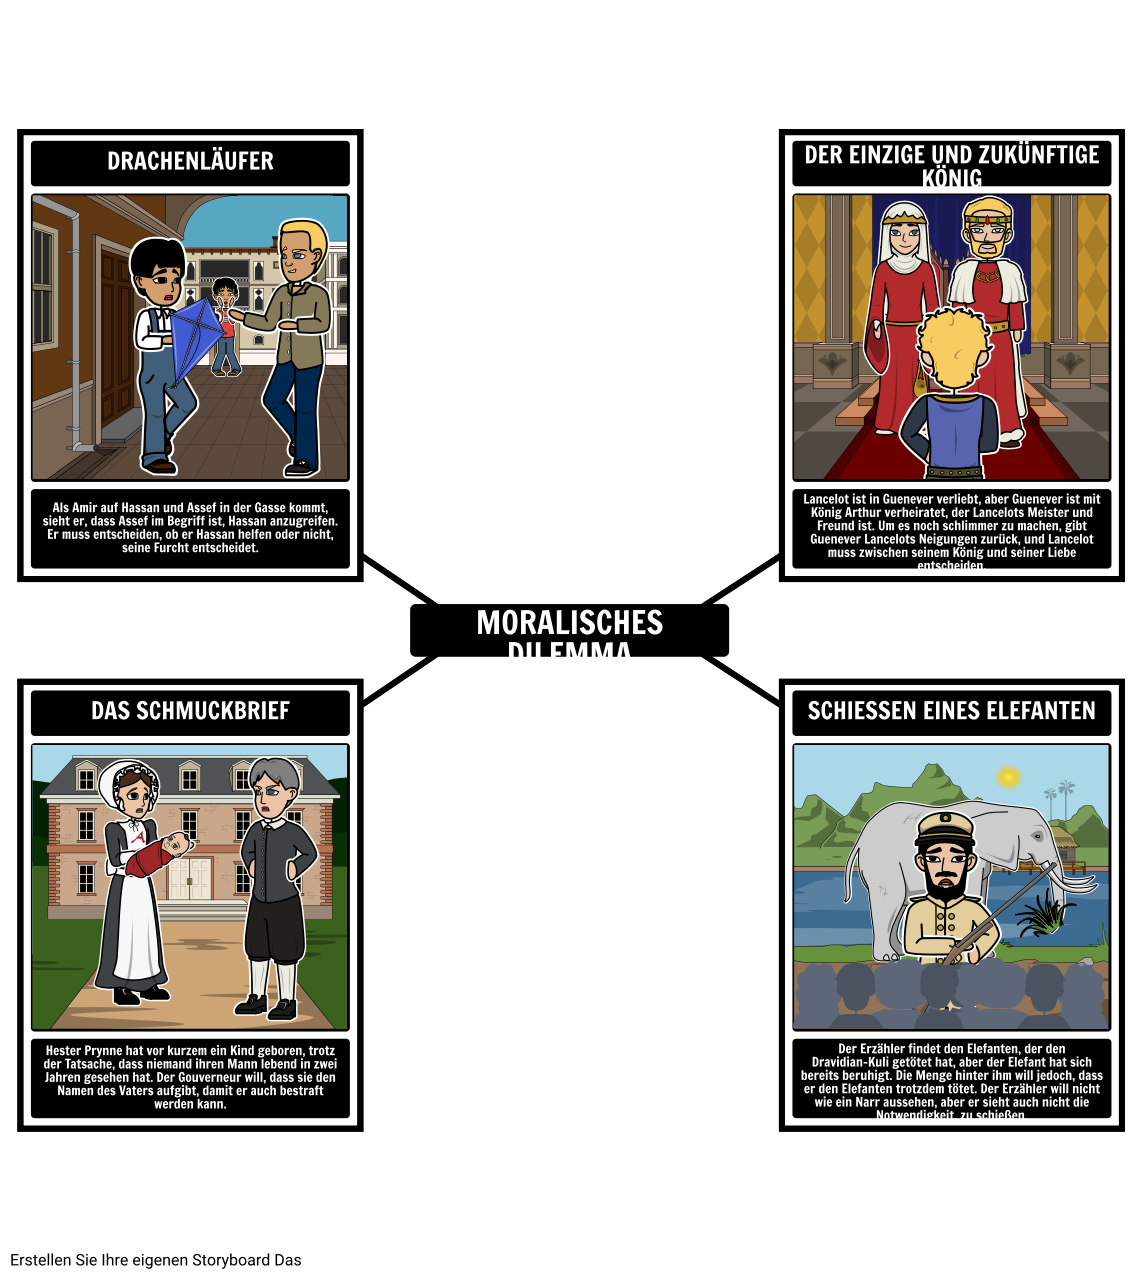 Dilemma Beispiele Definitionsvorlage Storyboard 2